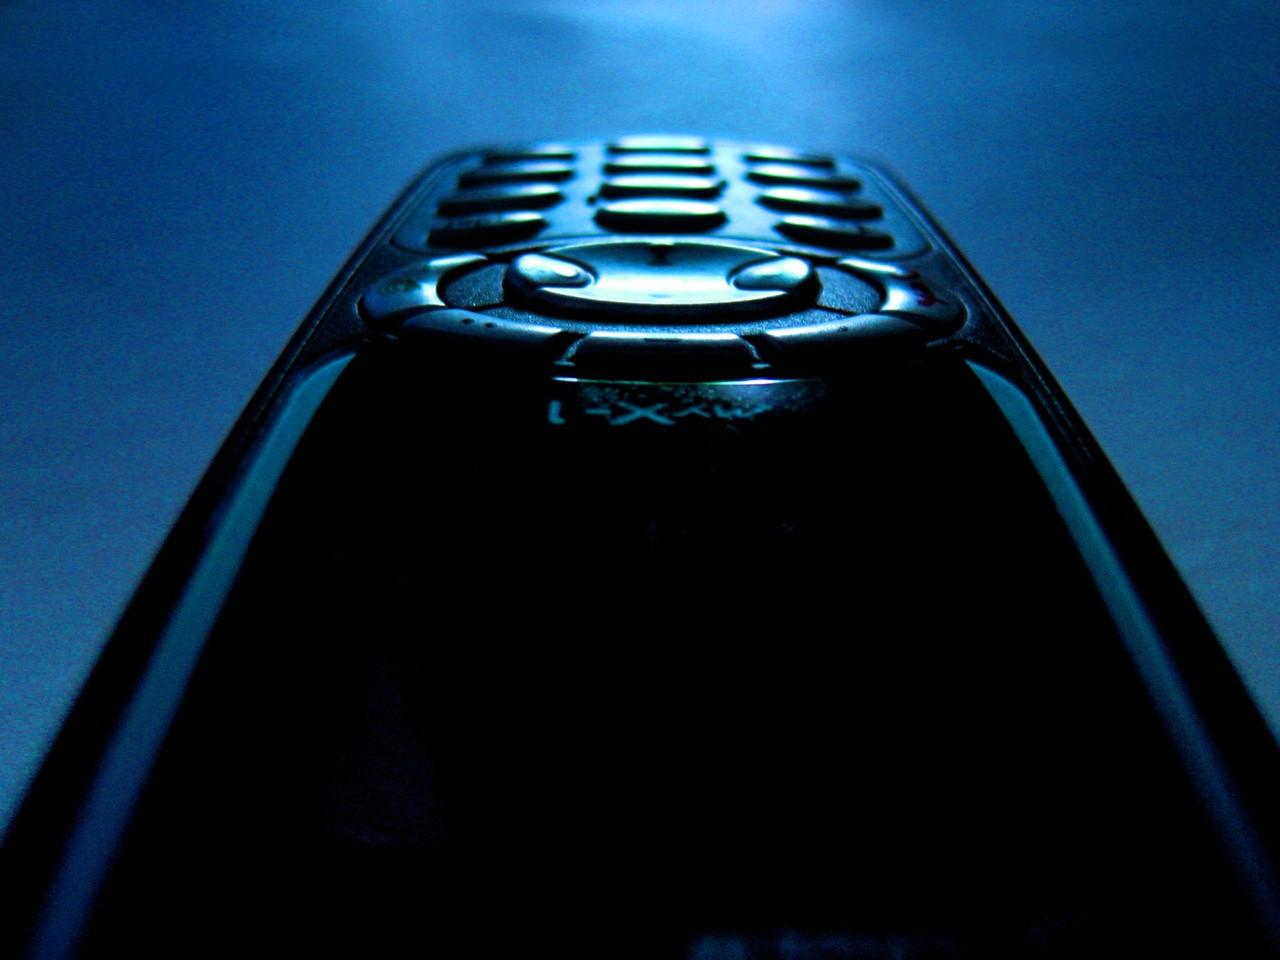 telefon_zamiast_nawigacji.jpg